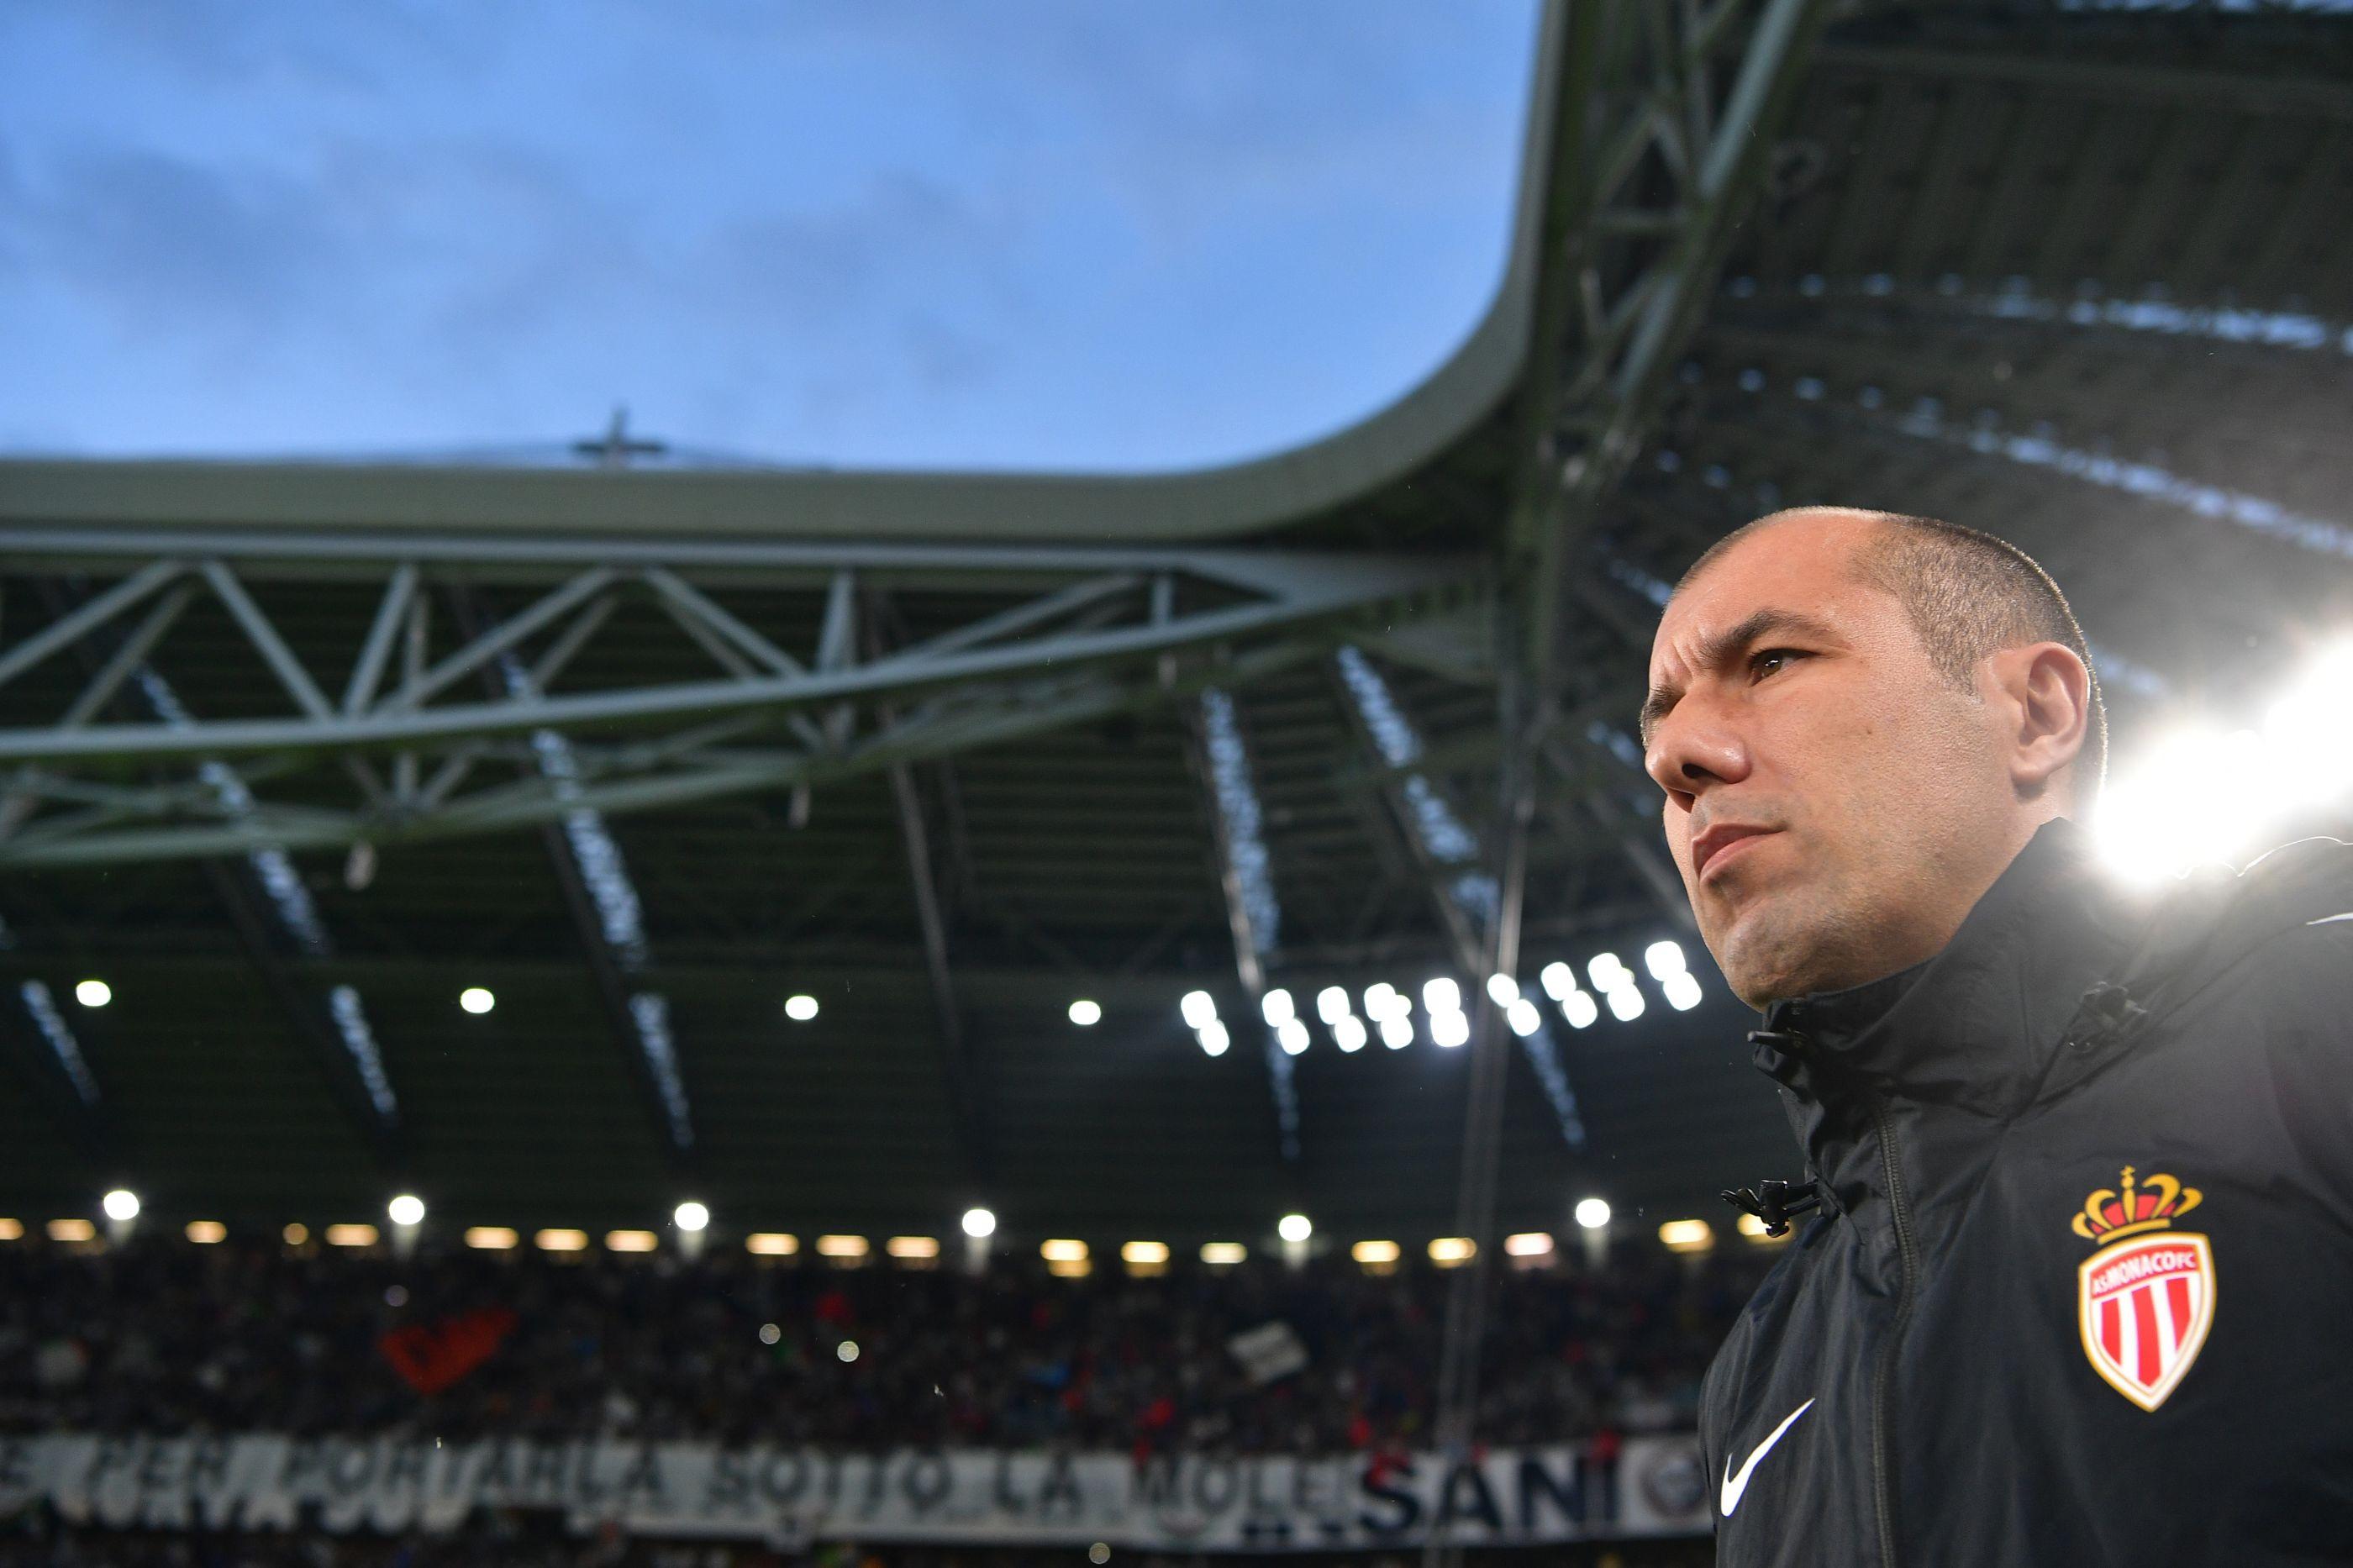 Esgotou-se a paciência: Leonardo Jardim na porta de saída do Monaco